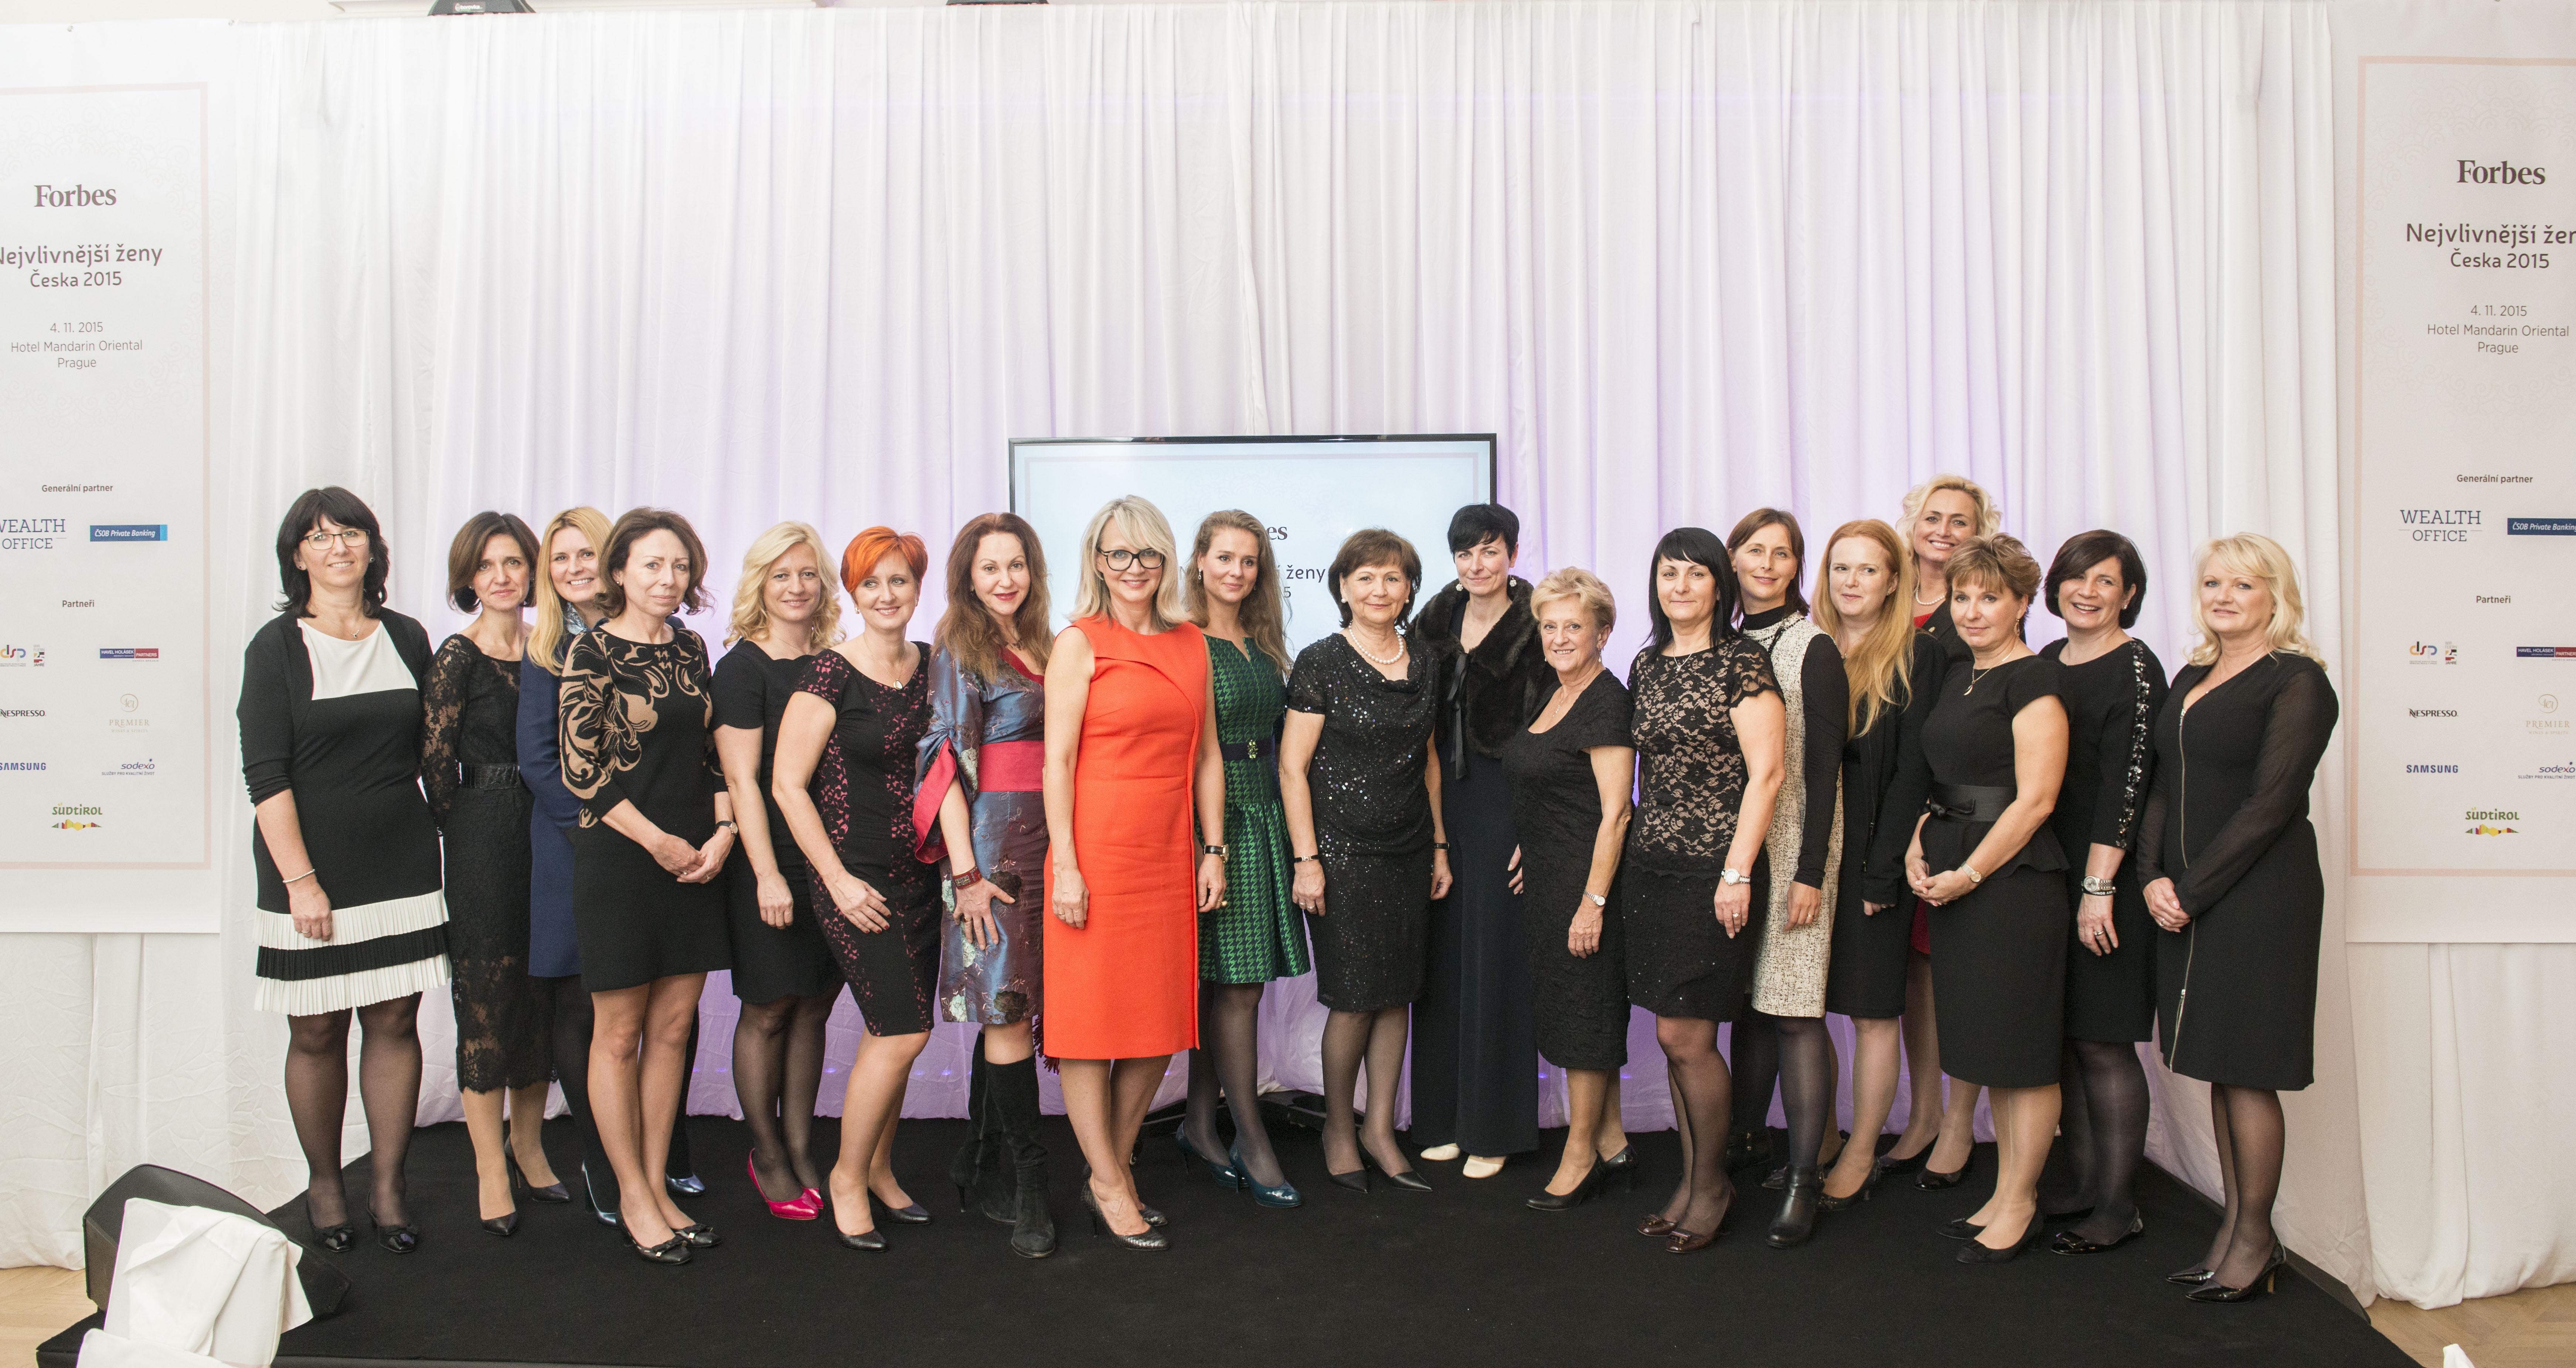 Společná fotografie zachycující nejúspěšnější ženy znašeho žebříčku pro tento rok, které se  zúčastnily slavnostní galavečeře a patří mezi ně i Martina Grygar-Březinová ze Sodexa